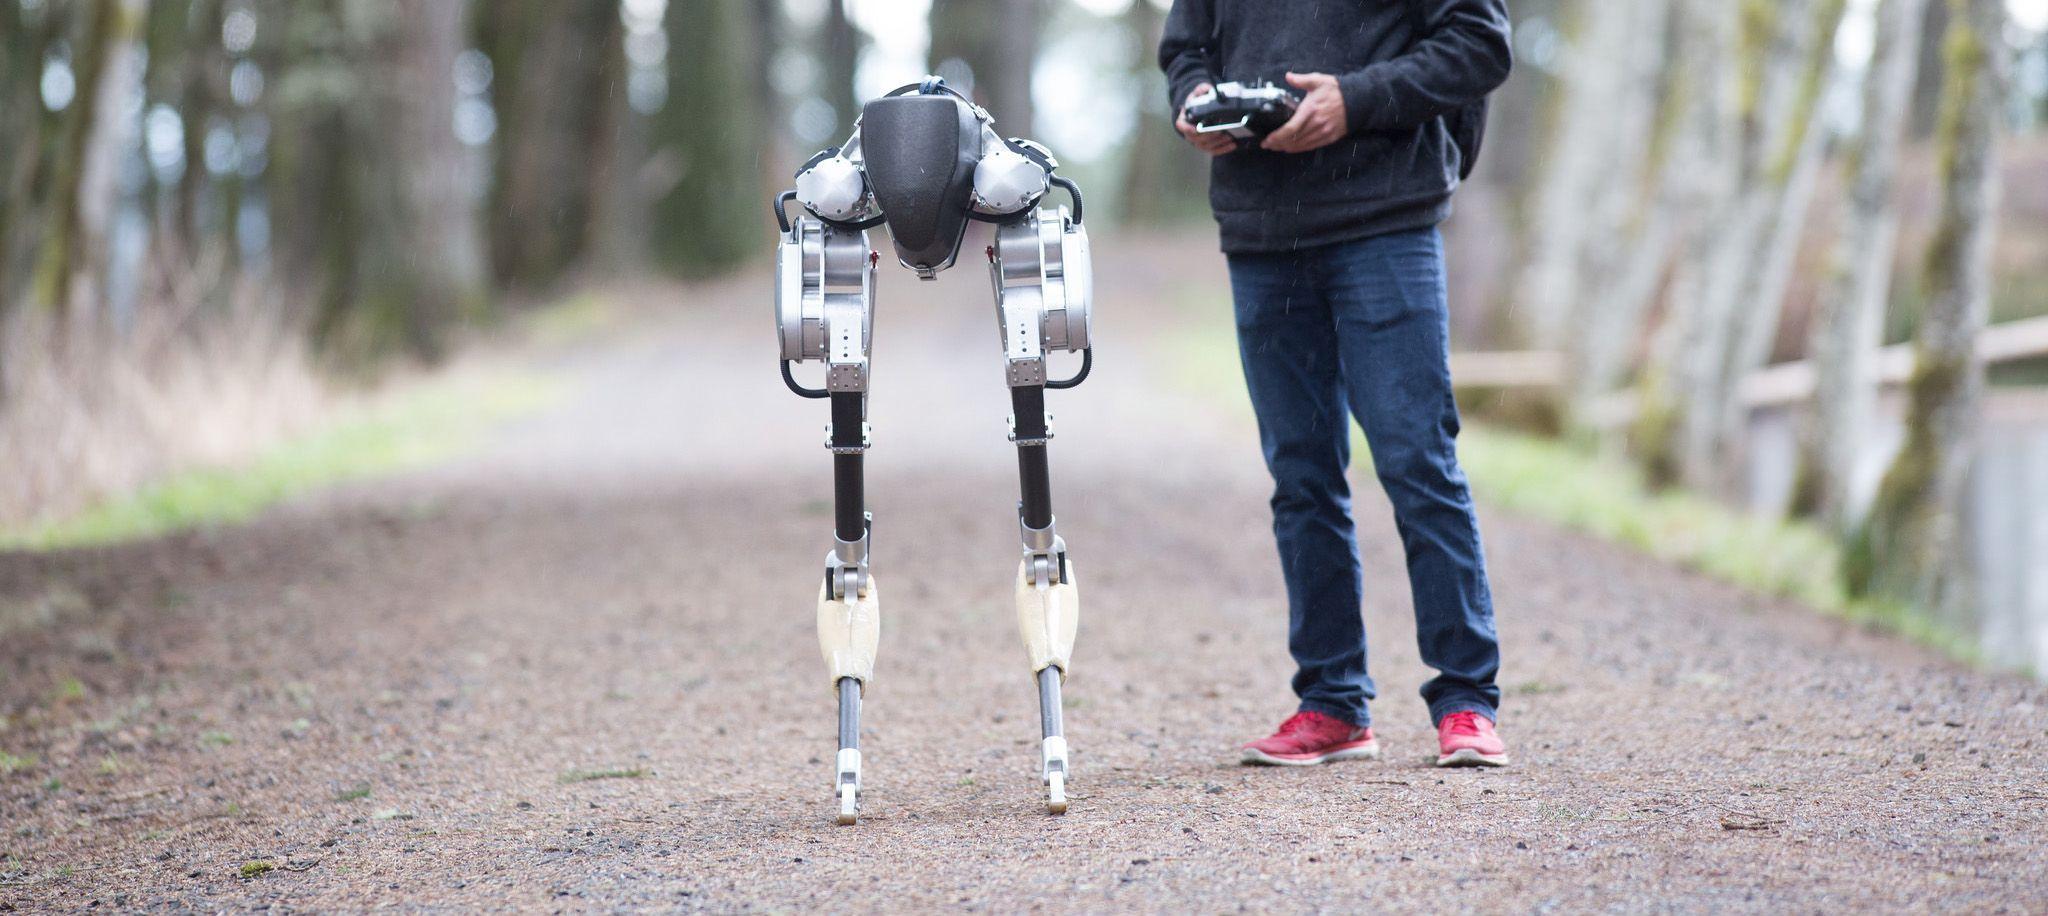 Obrazek przedstawia robota Cassie autorstwa firmy Agility Robotics.